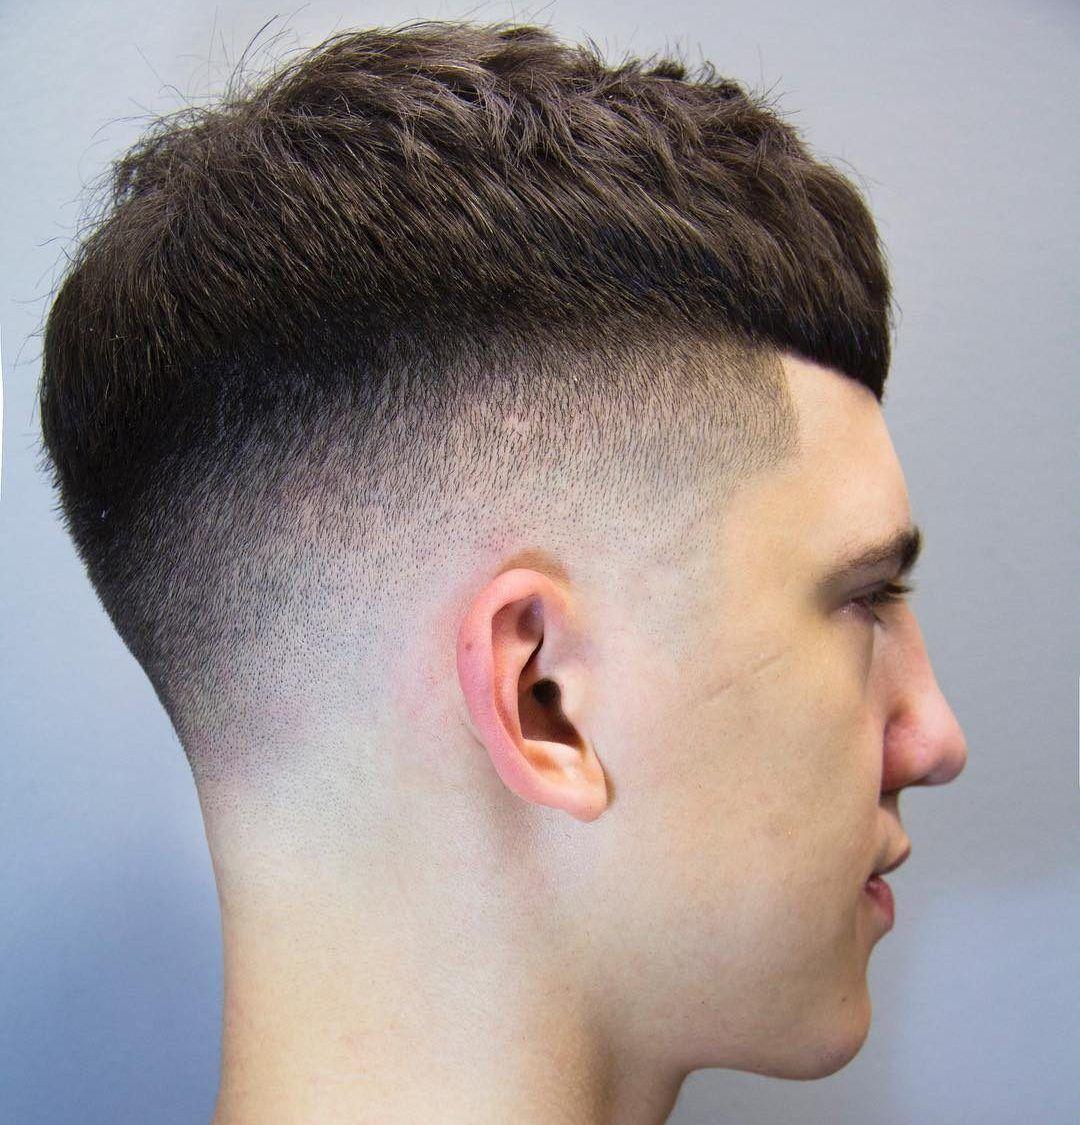 Latest short haircut for men short hairstyles for men   coiffure  pinterest  short